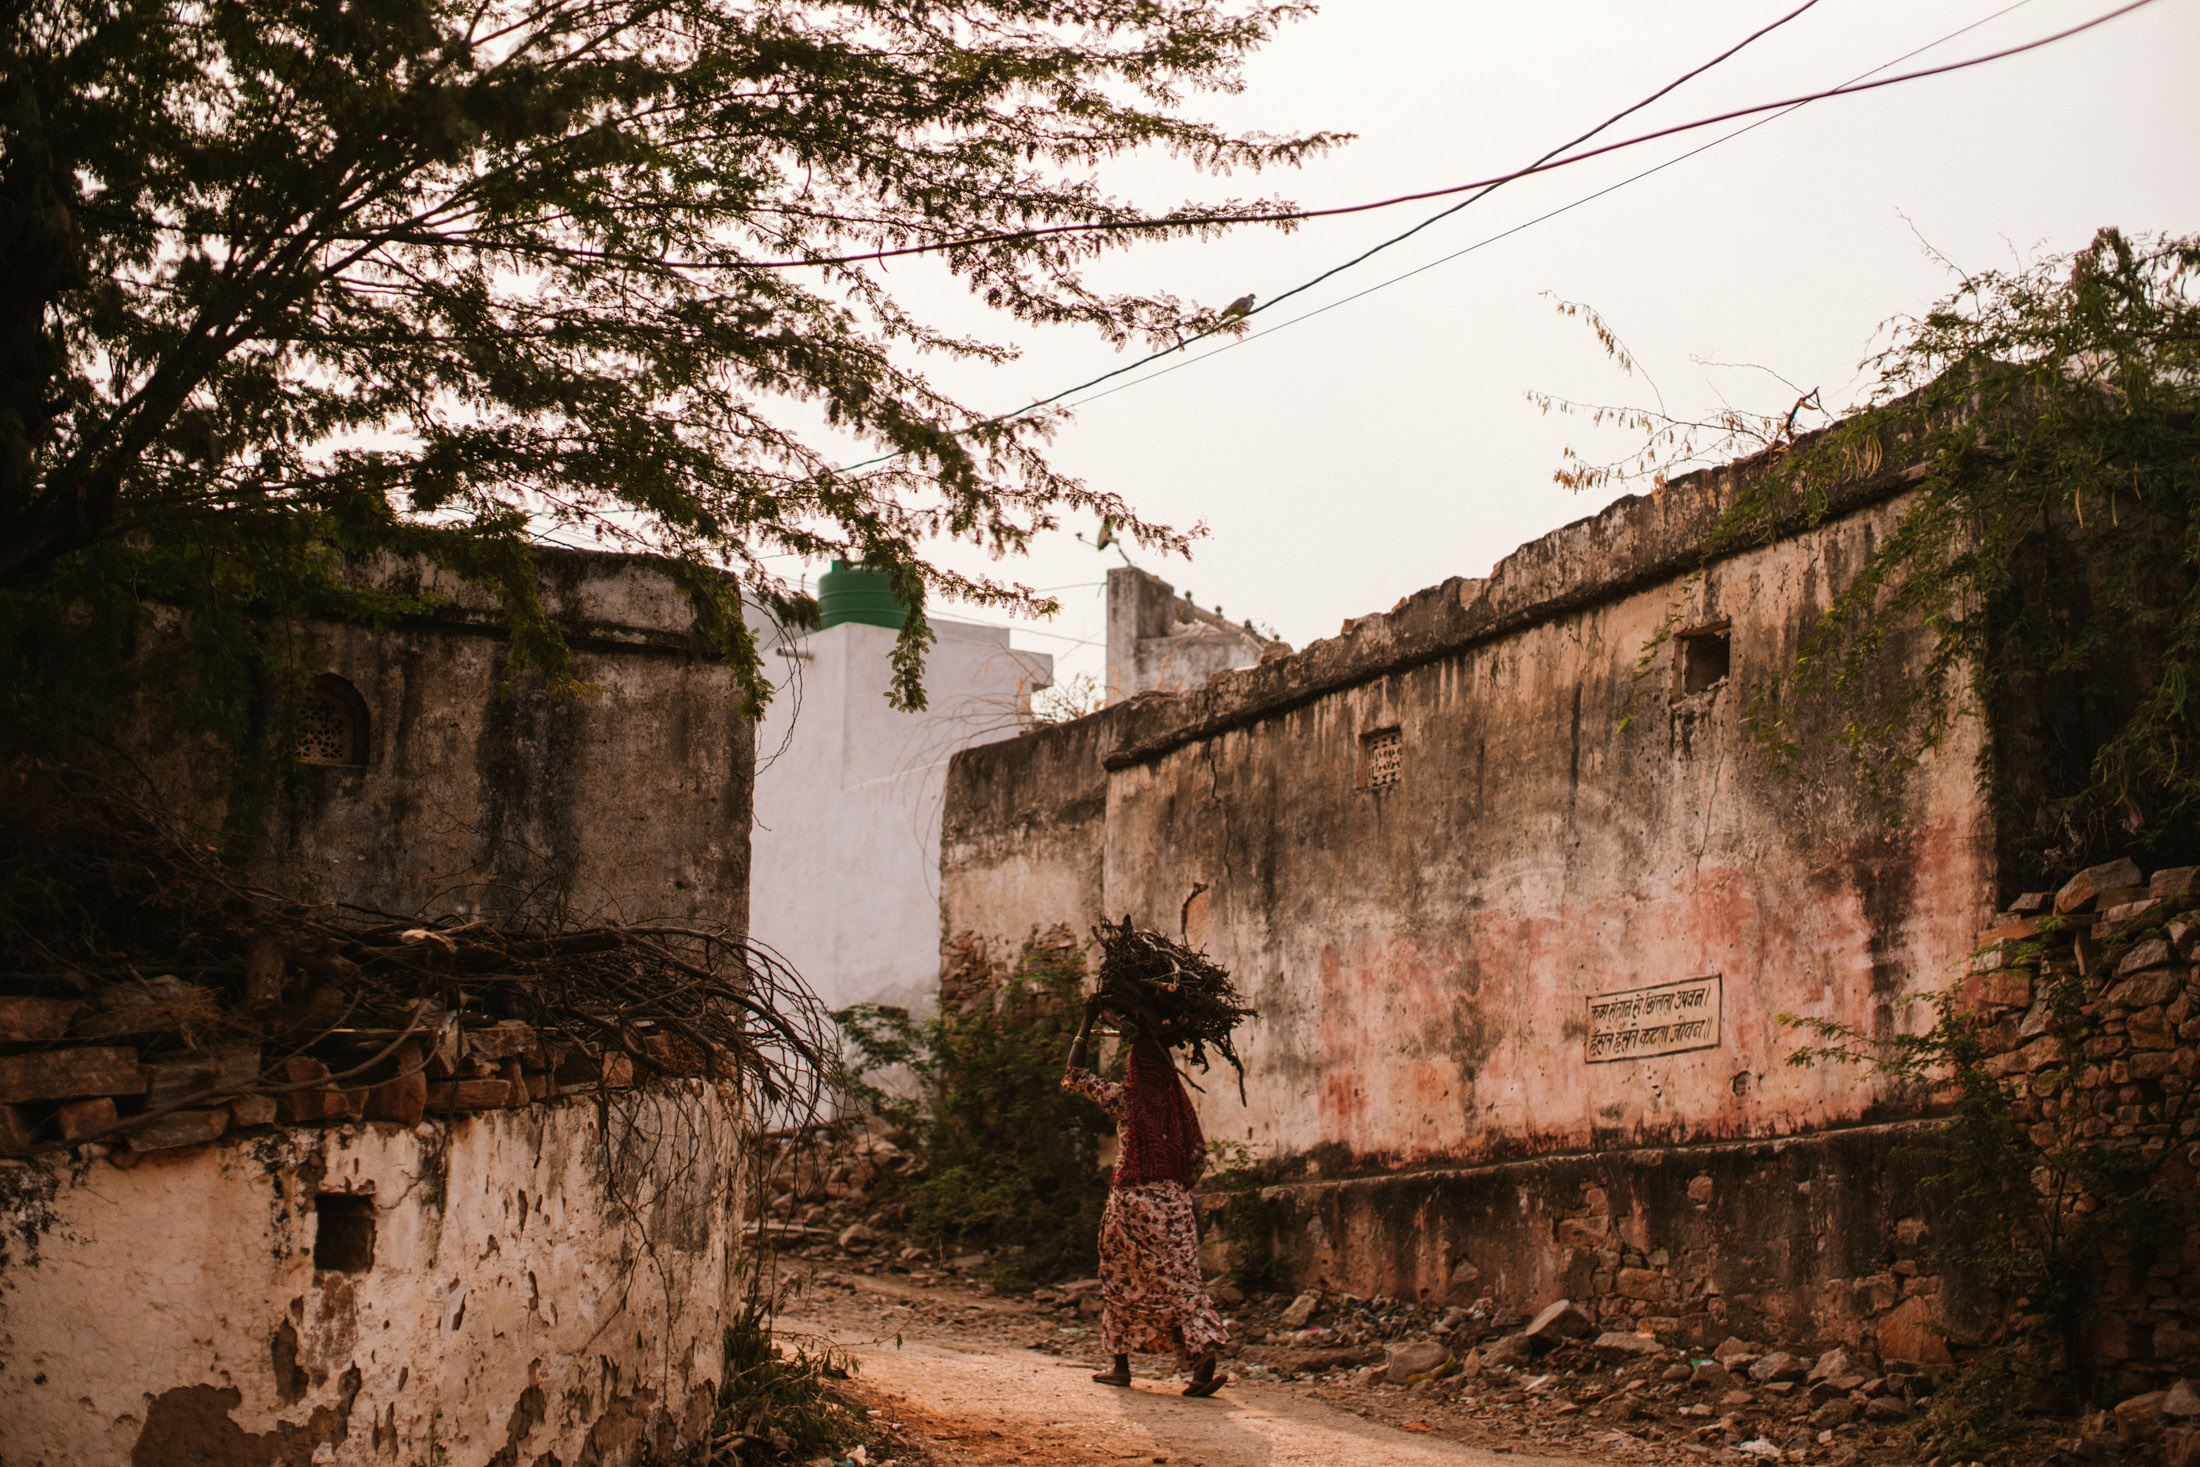 Pushkar Nov 2017-Dean Raphael Photography-27.jpg